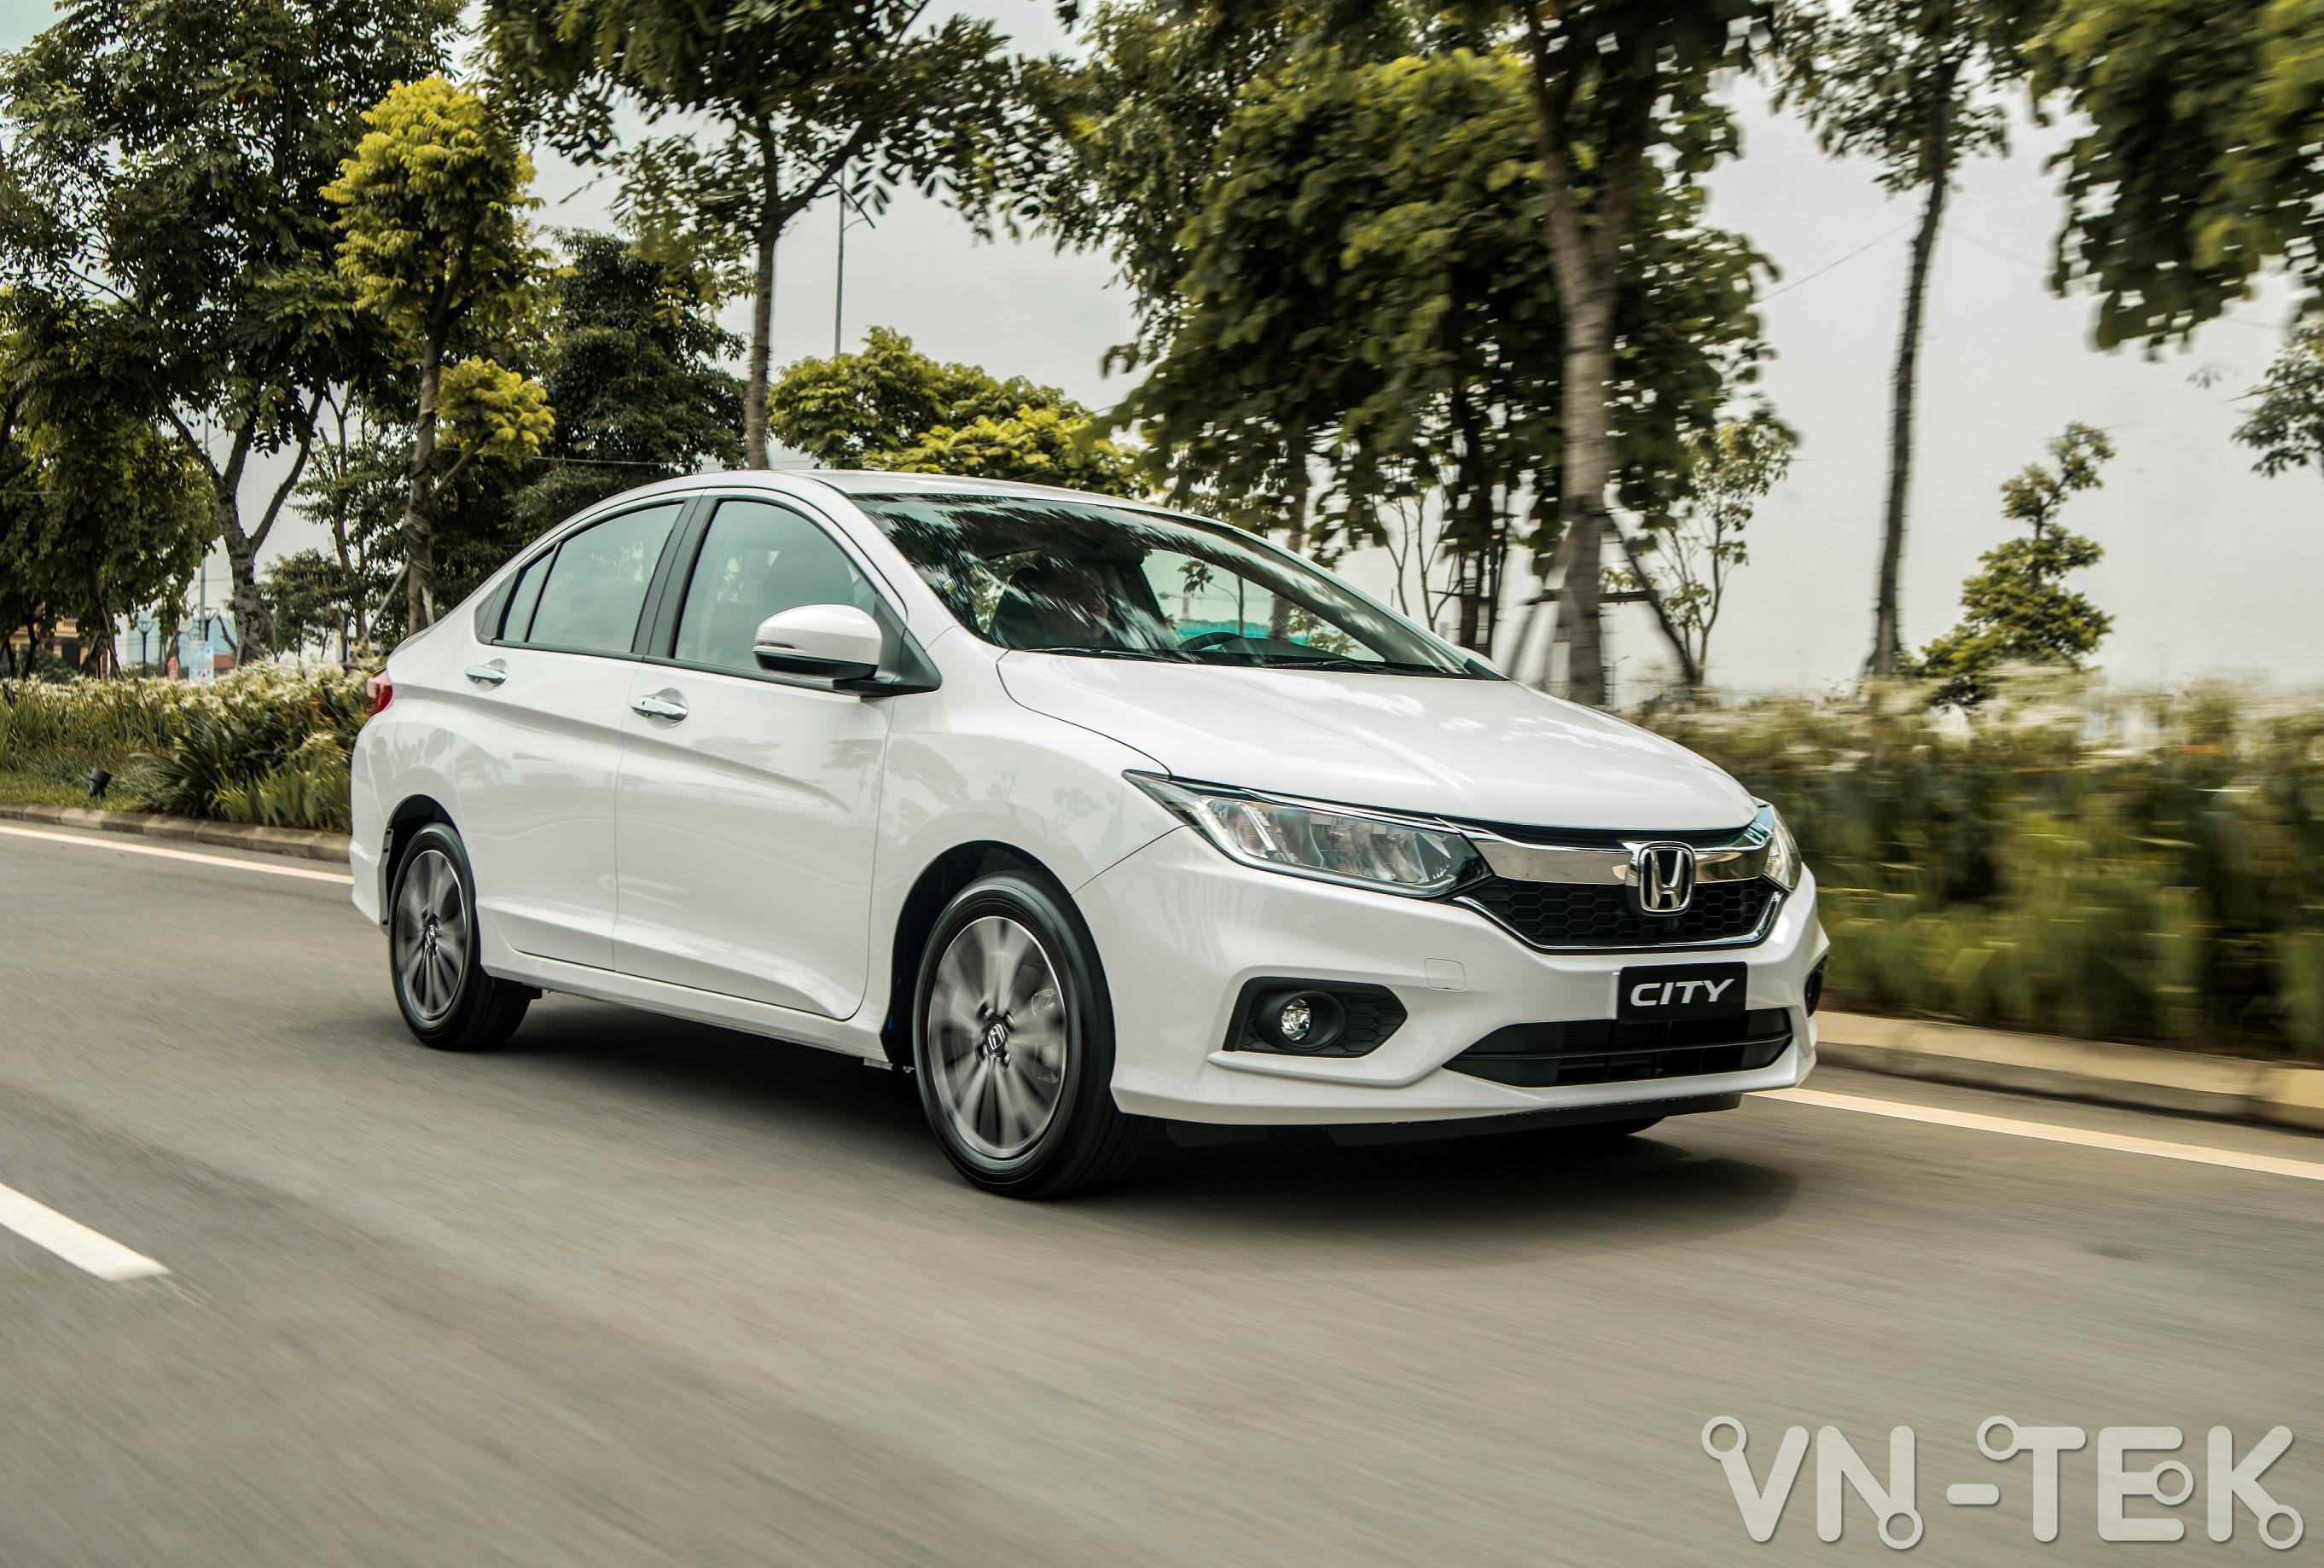 top 10 mau xe ban chay nhat 2018 9 - Top 10 mẫu xe bán chạy nhất tháng 7/2018